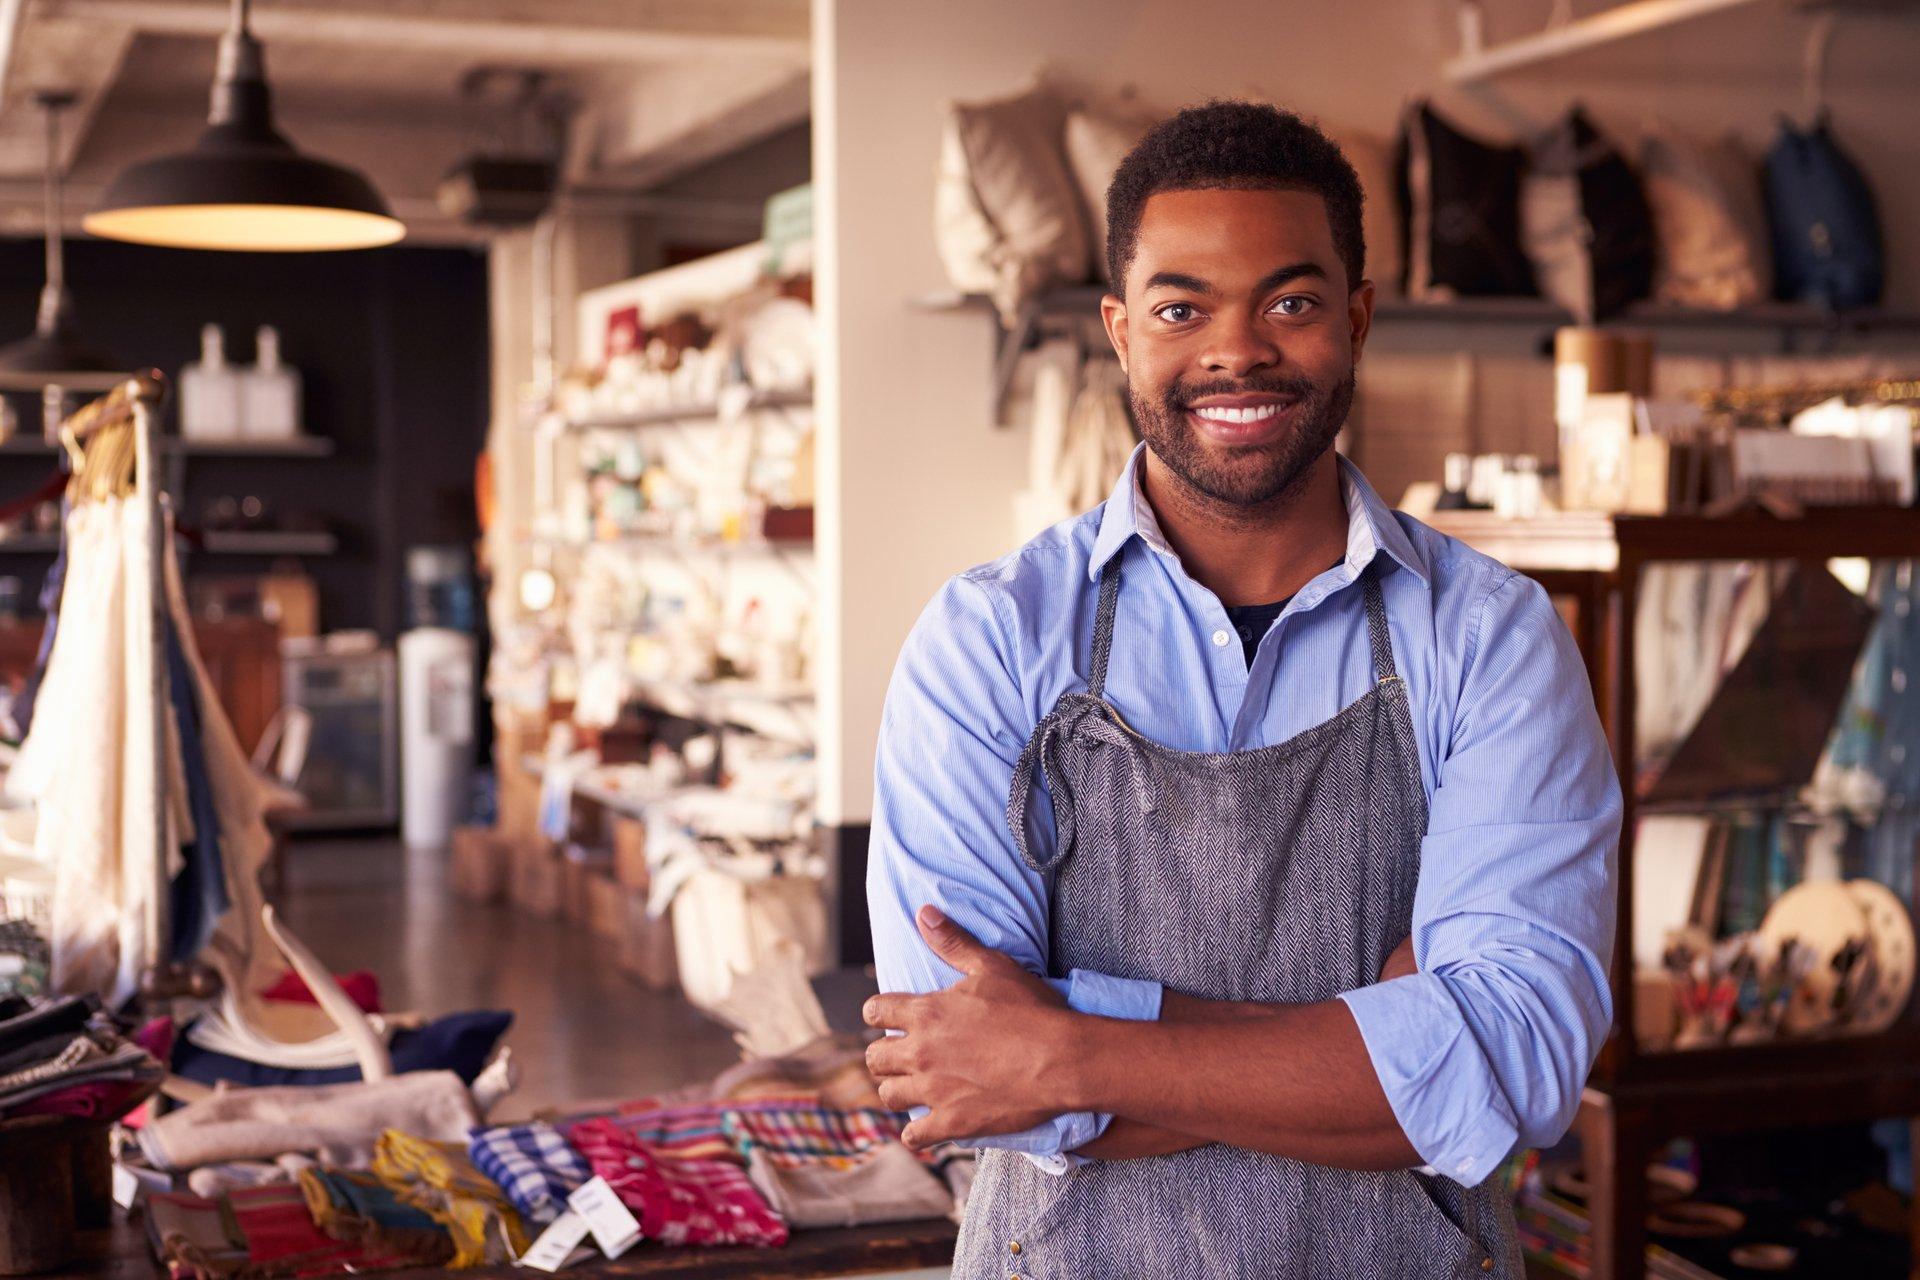 Gift shop owner, smiling